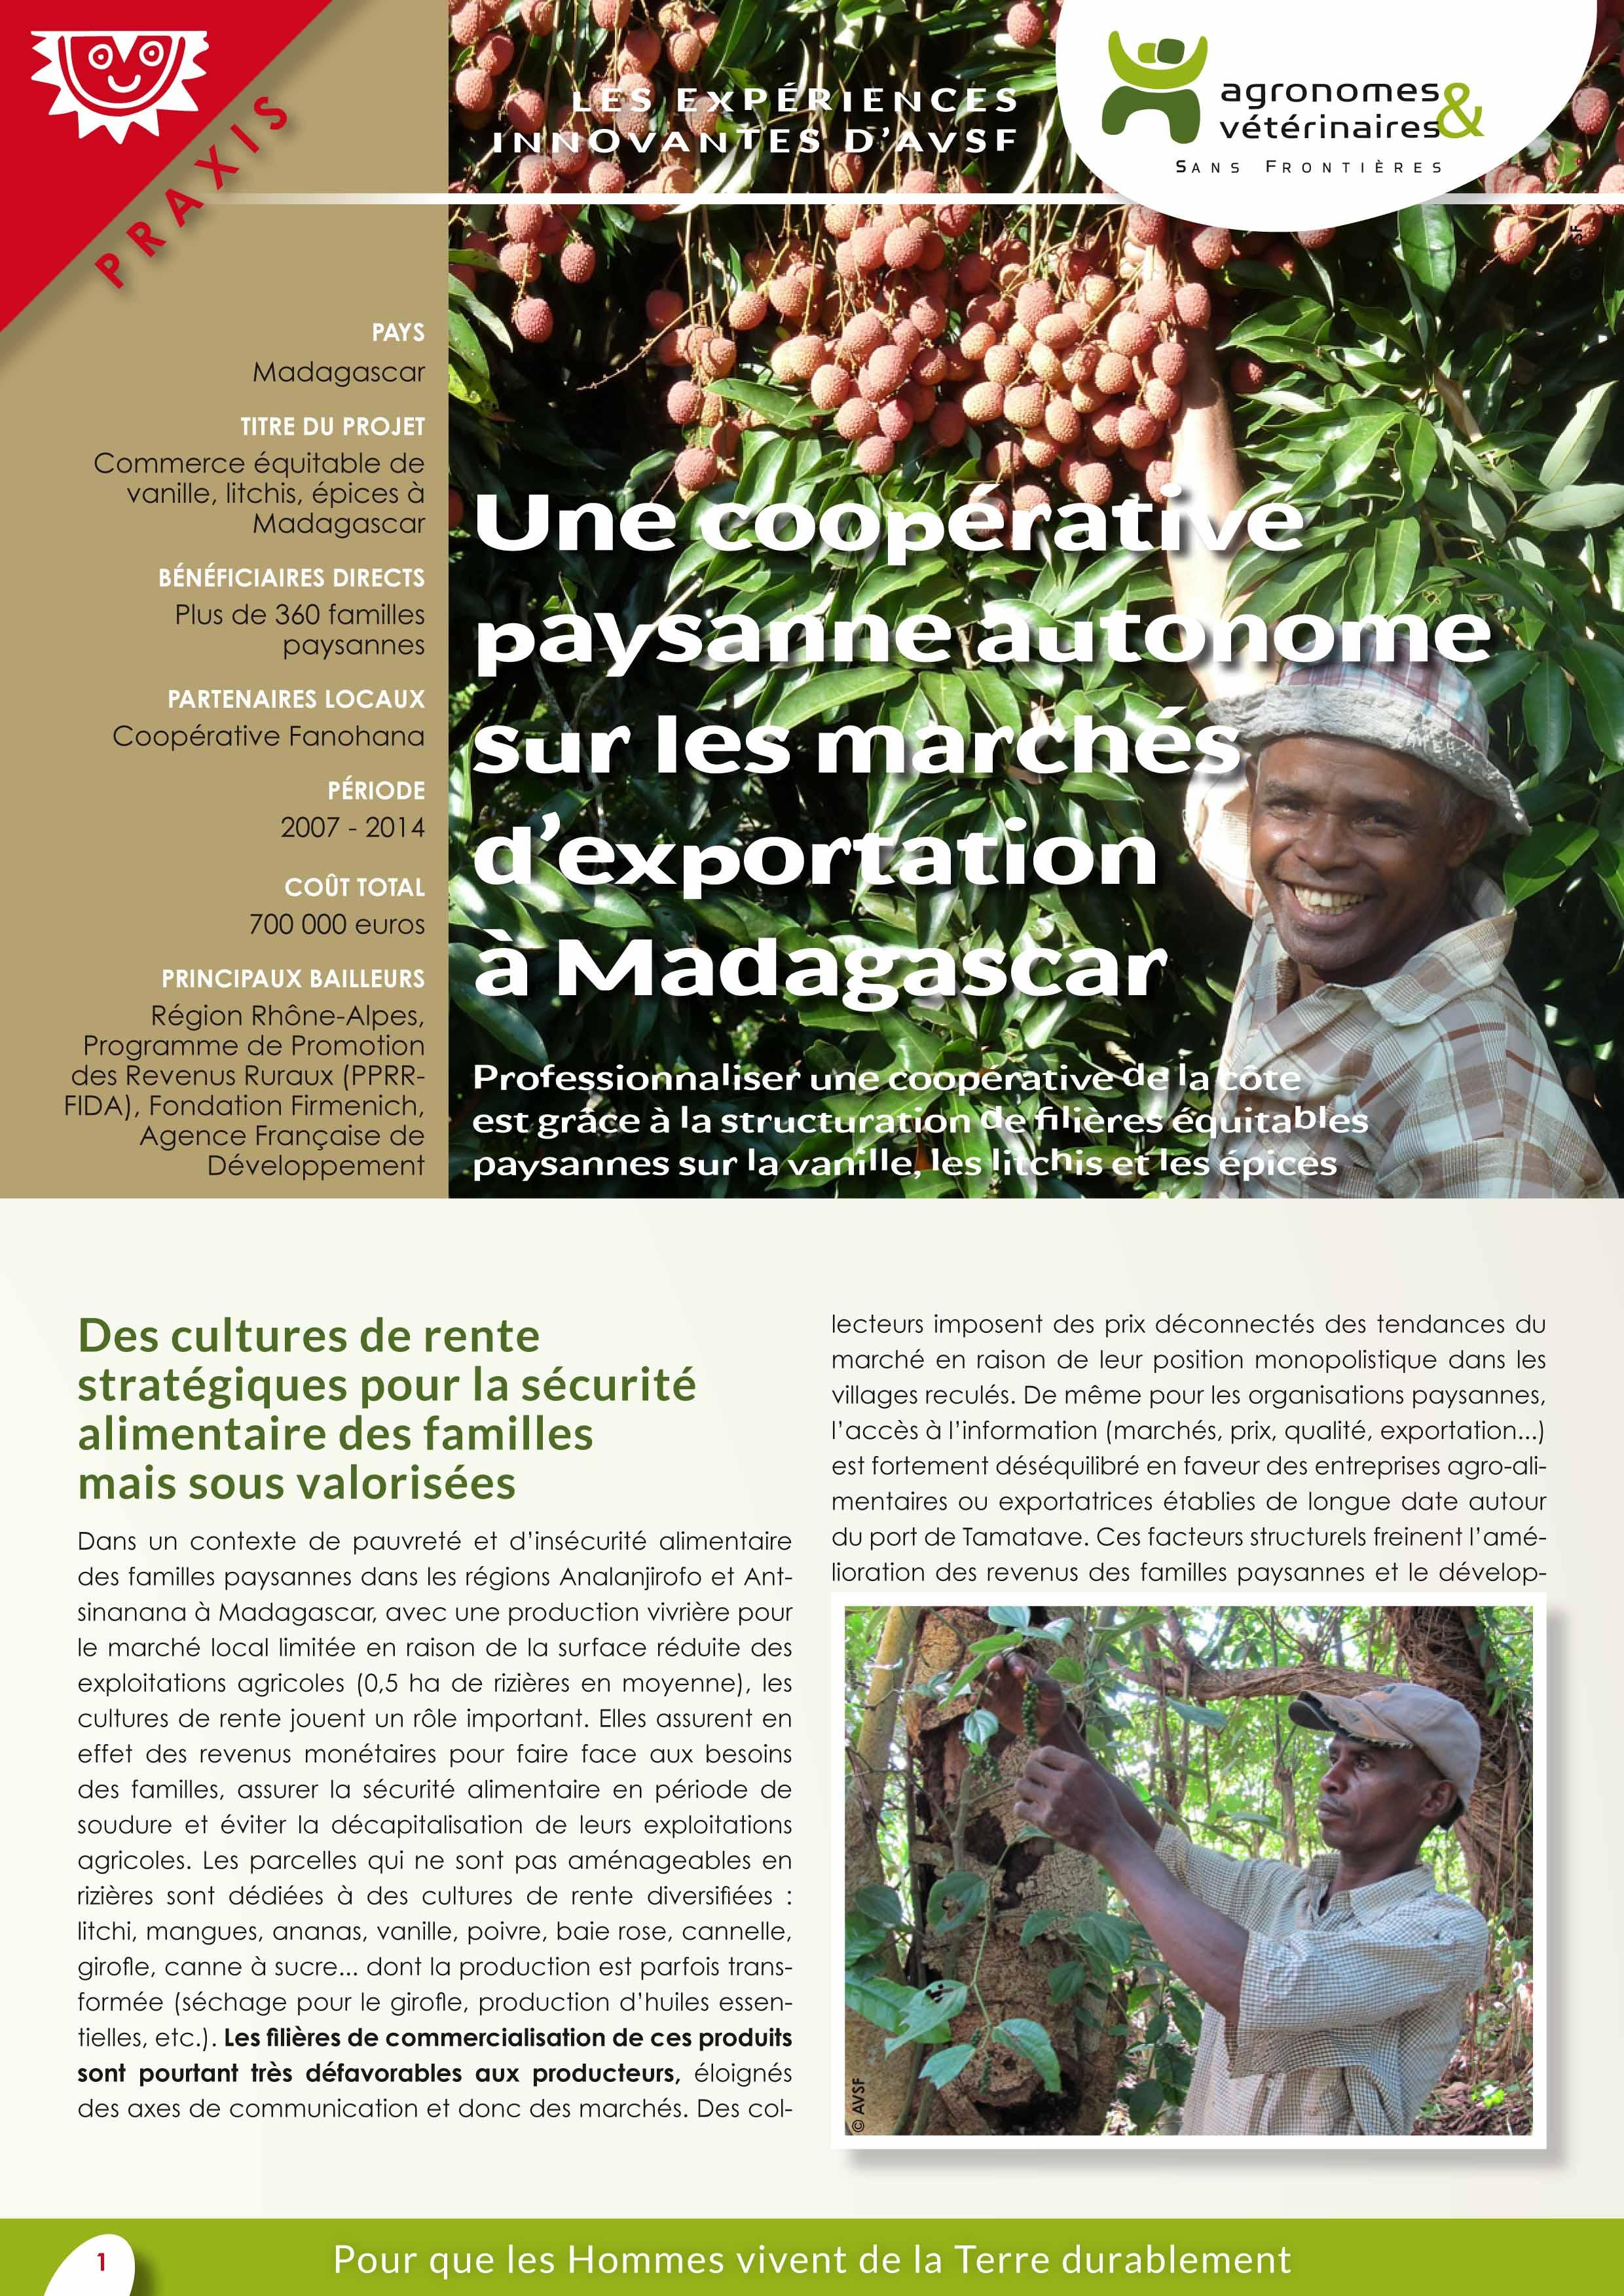 Les expériences innovantes d'AVSF : Les expériences innovantes d'AVSF : Une coopérative paysanne autonome sur les marchés d'exportation à Madagascar Image principale